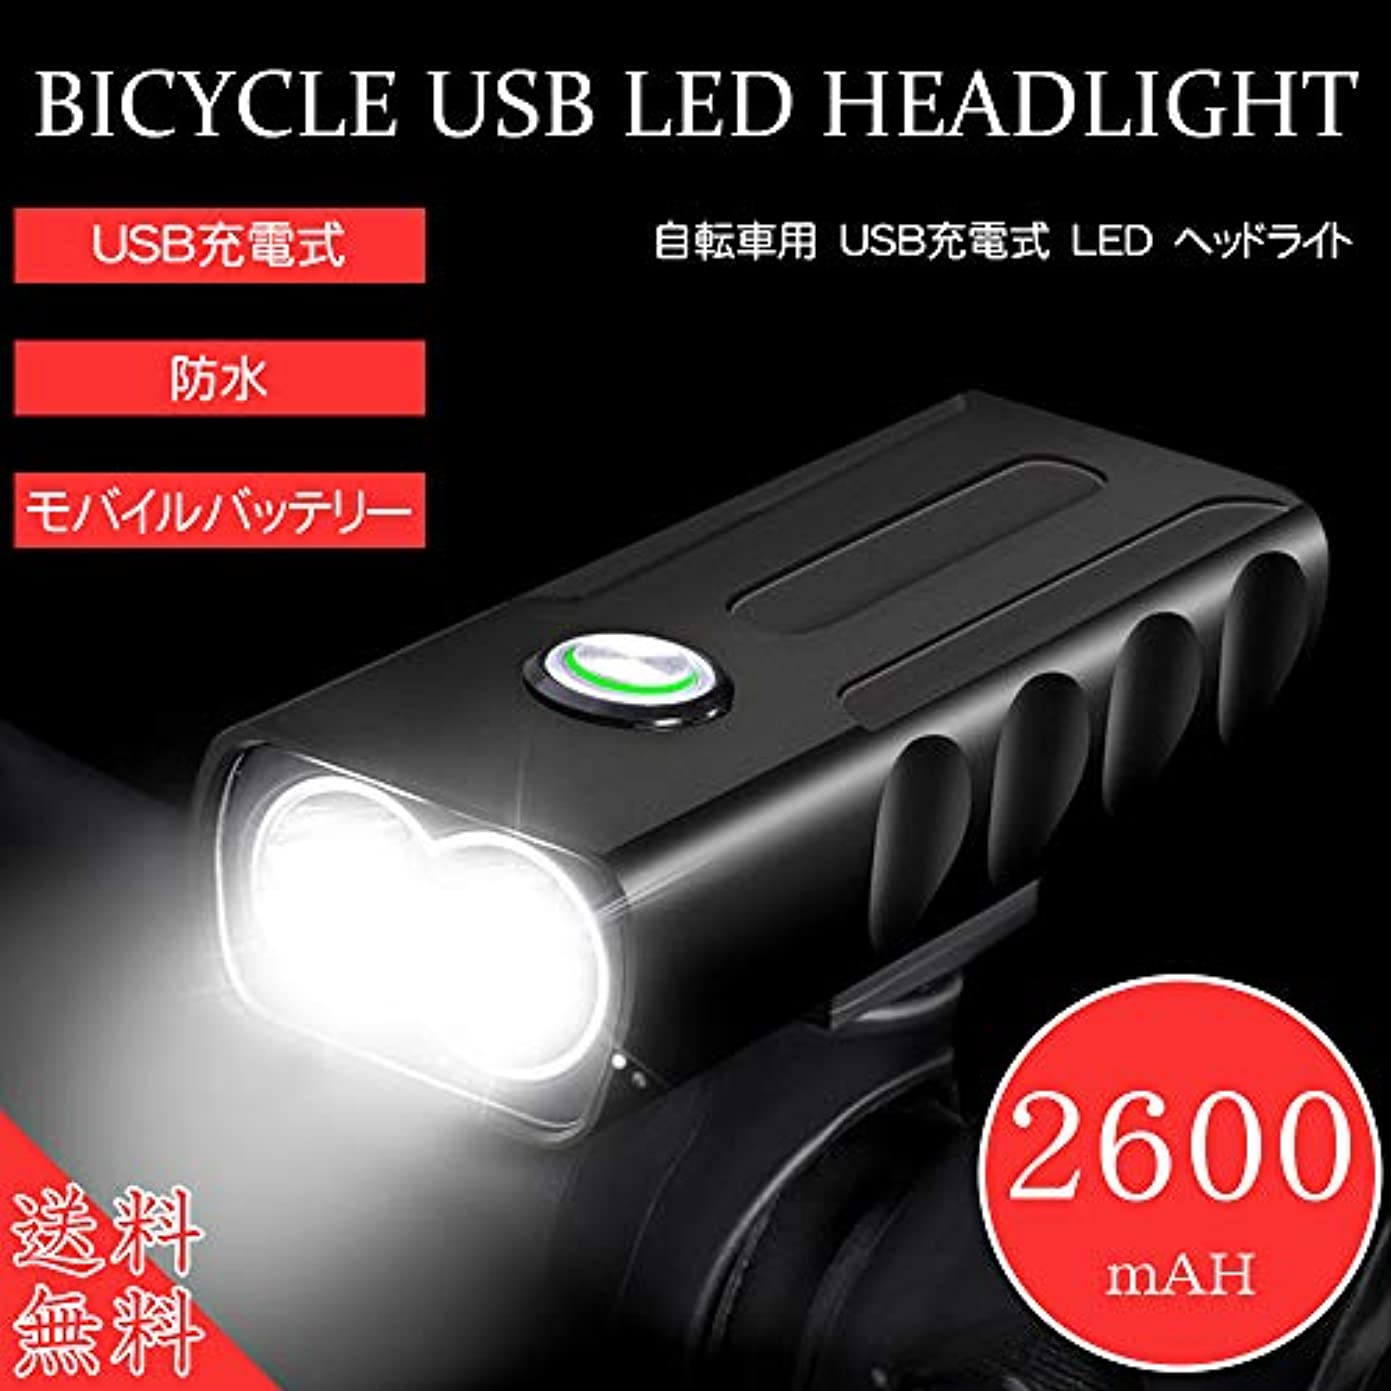 悪魔挑む現実には自転車 LED ライト 自転車ヘッドライト 防水仕様 USB充電式 クールホワイトLED ハンドル取り付け型 明るい サイクルライト 取り外し可能